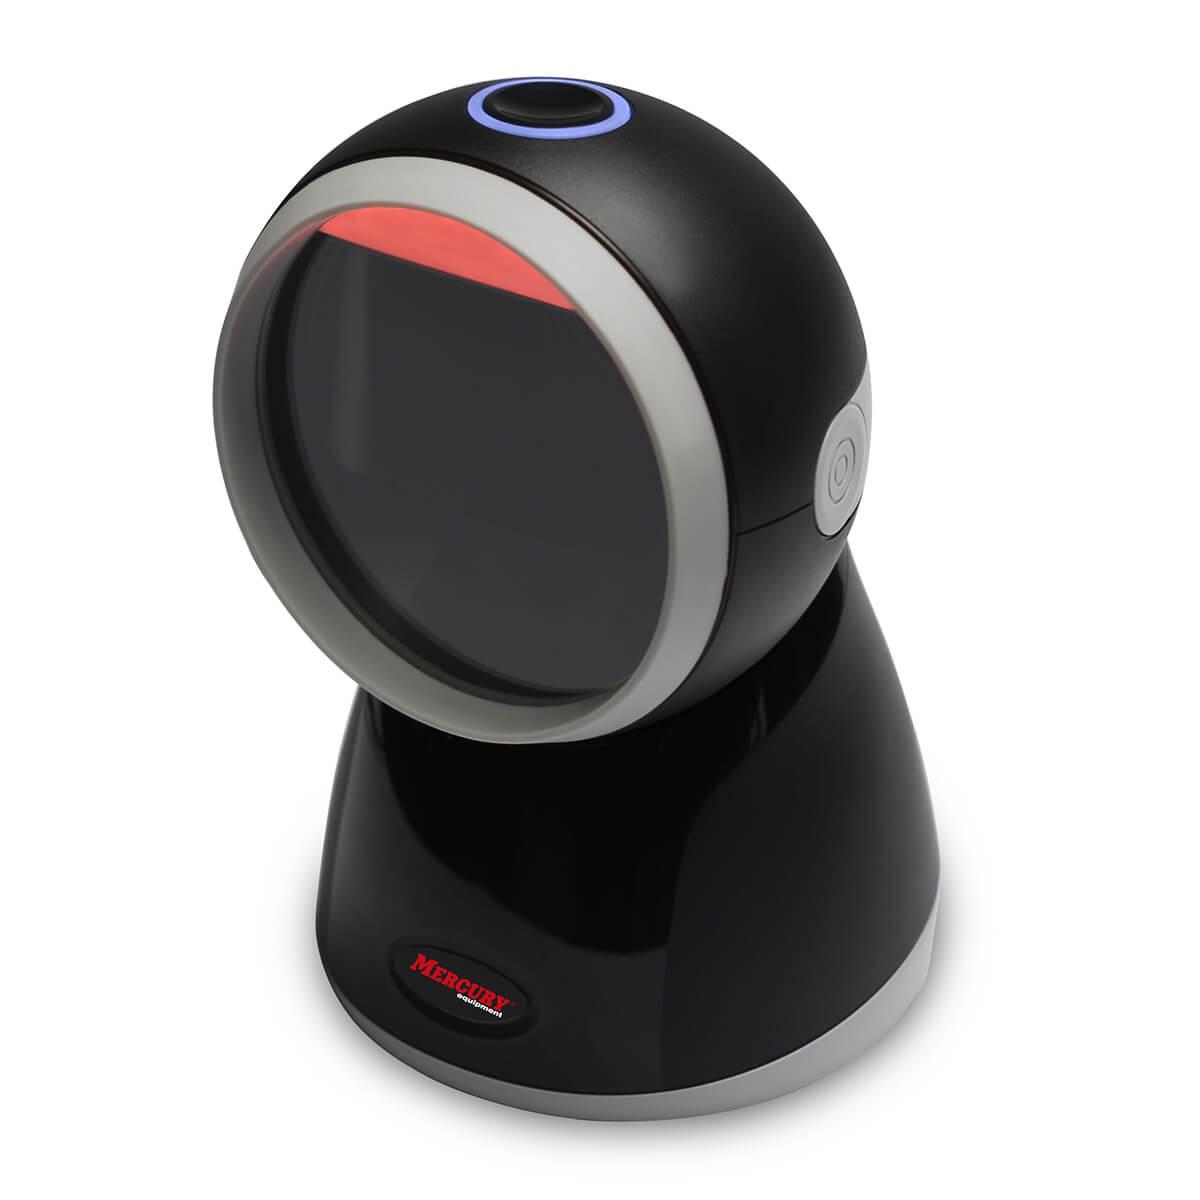 Стационарный  сканер штрих-кода Mertech 9000 P2D Zeus